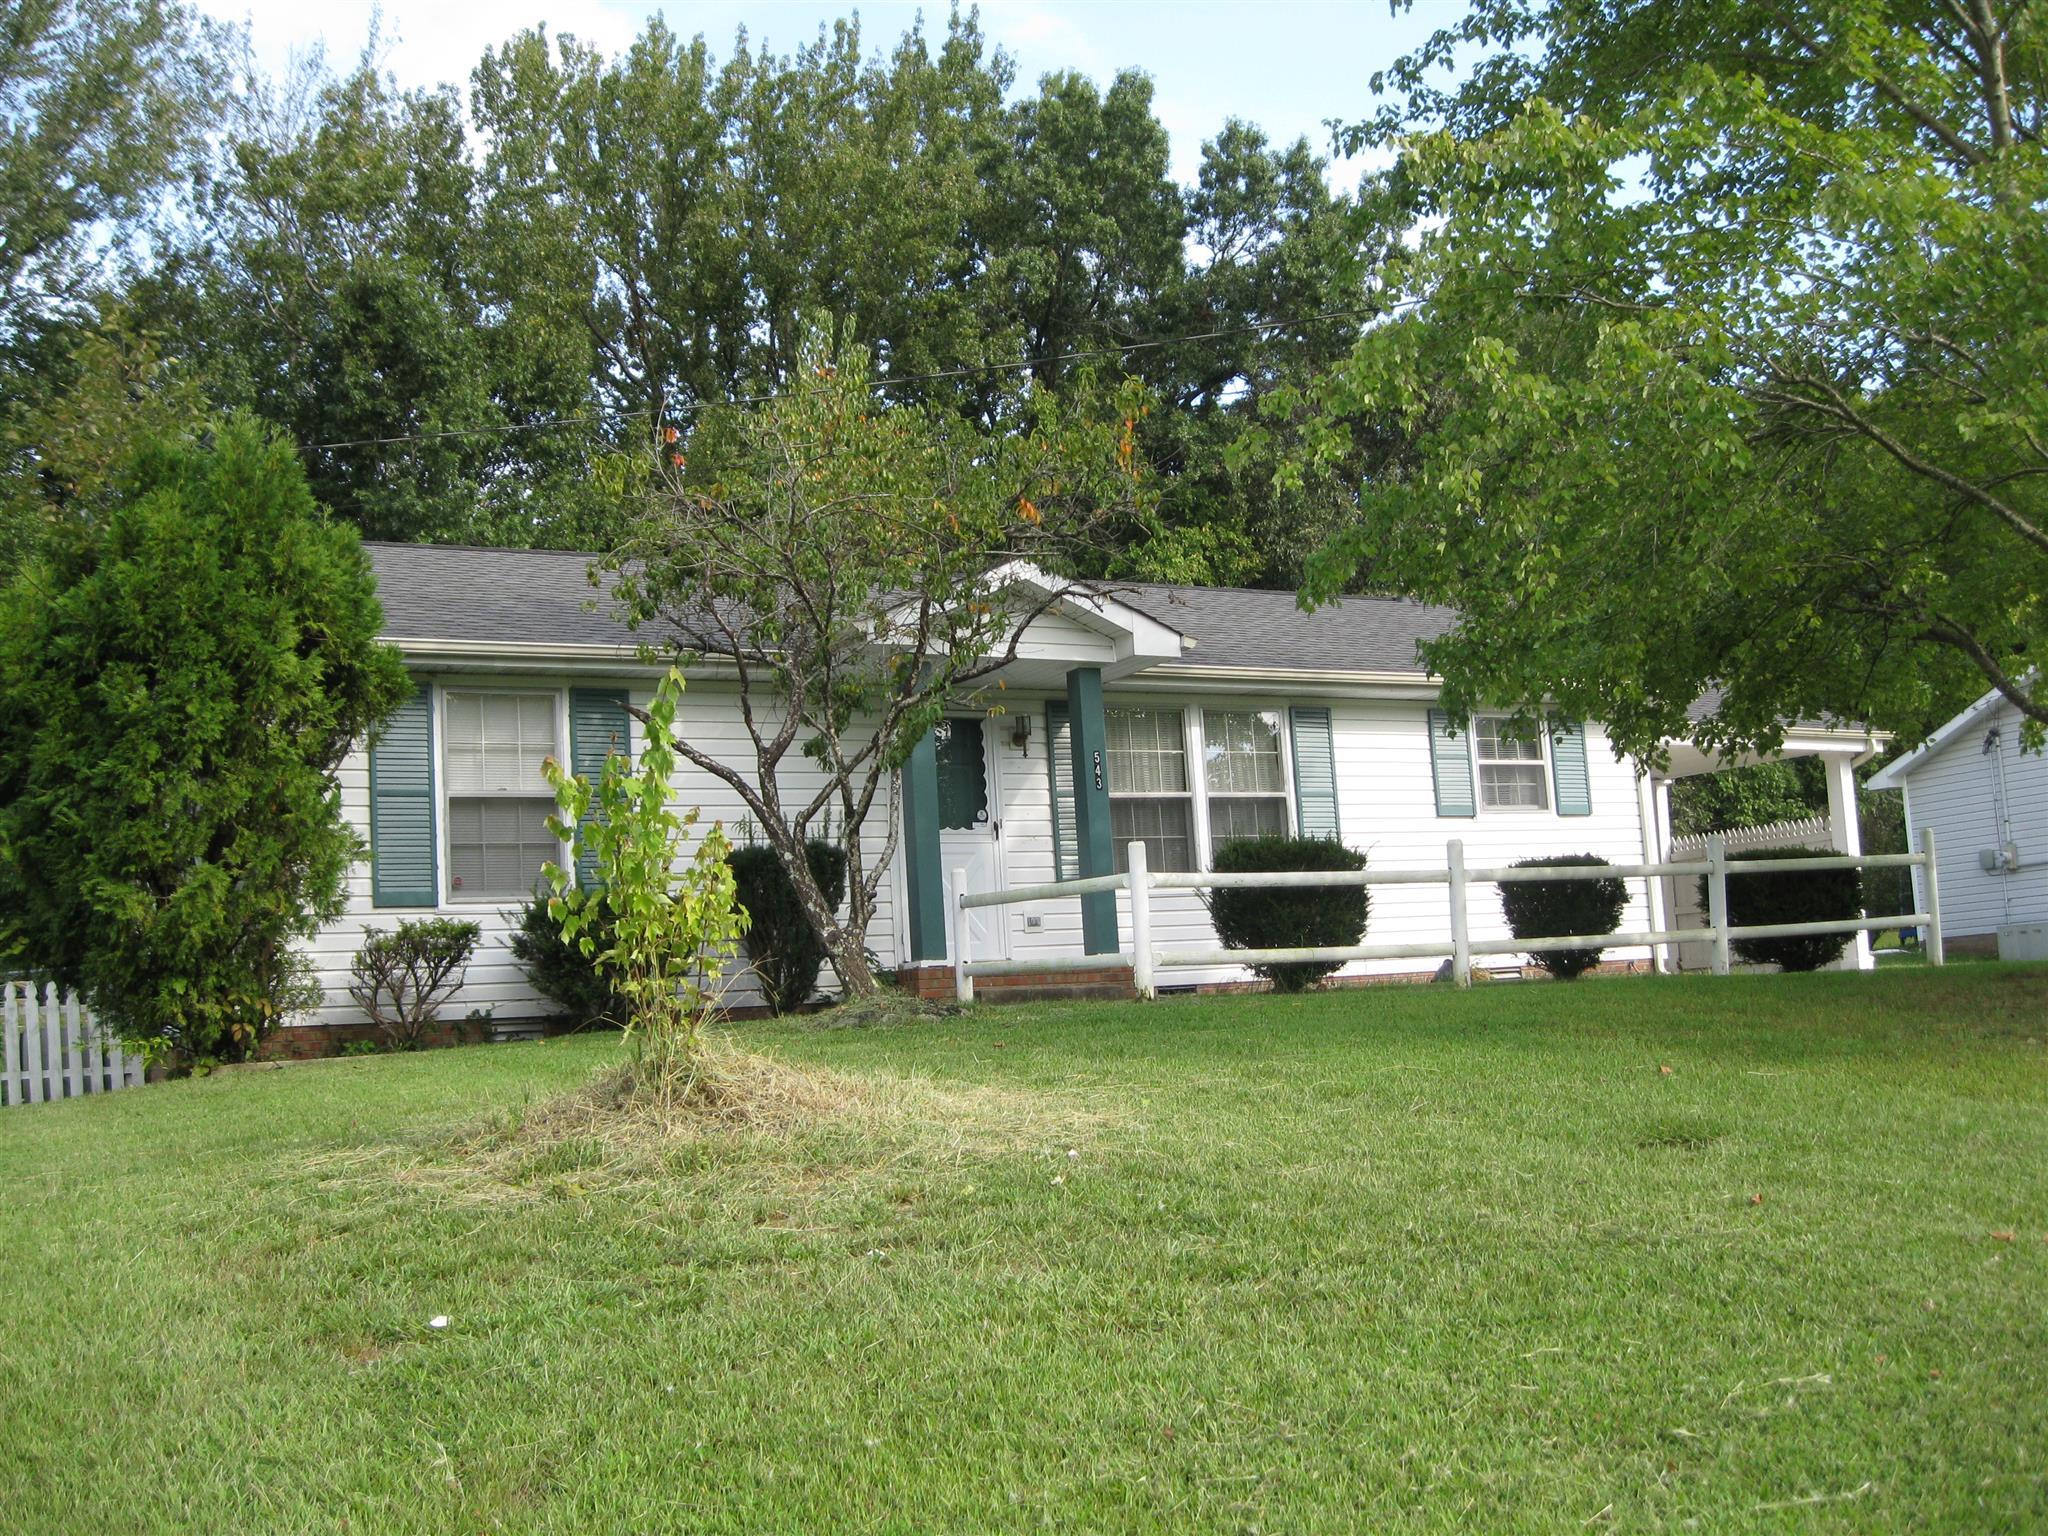 543 Donna Dr, Clarksville, TN 37042